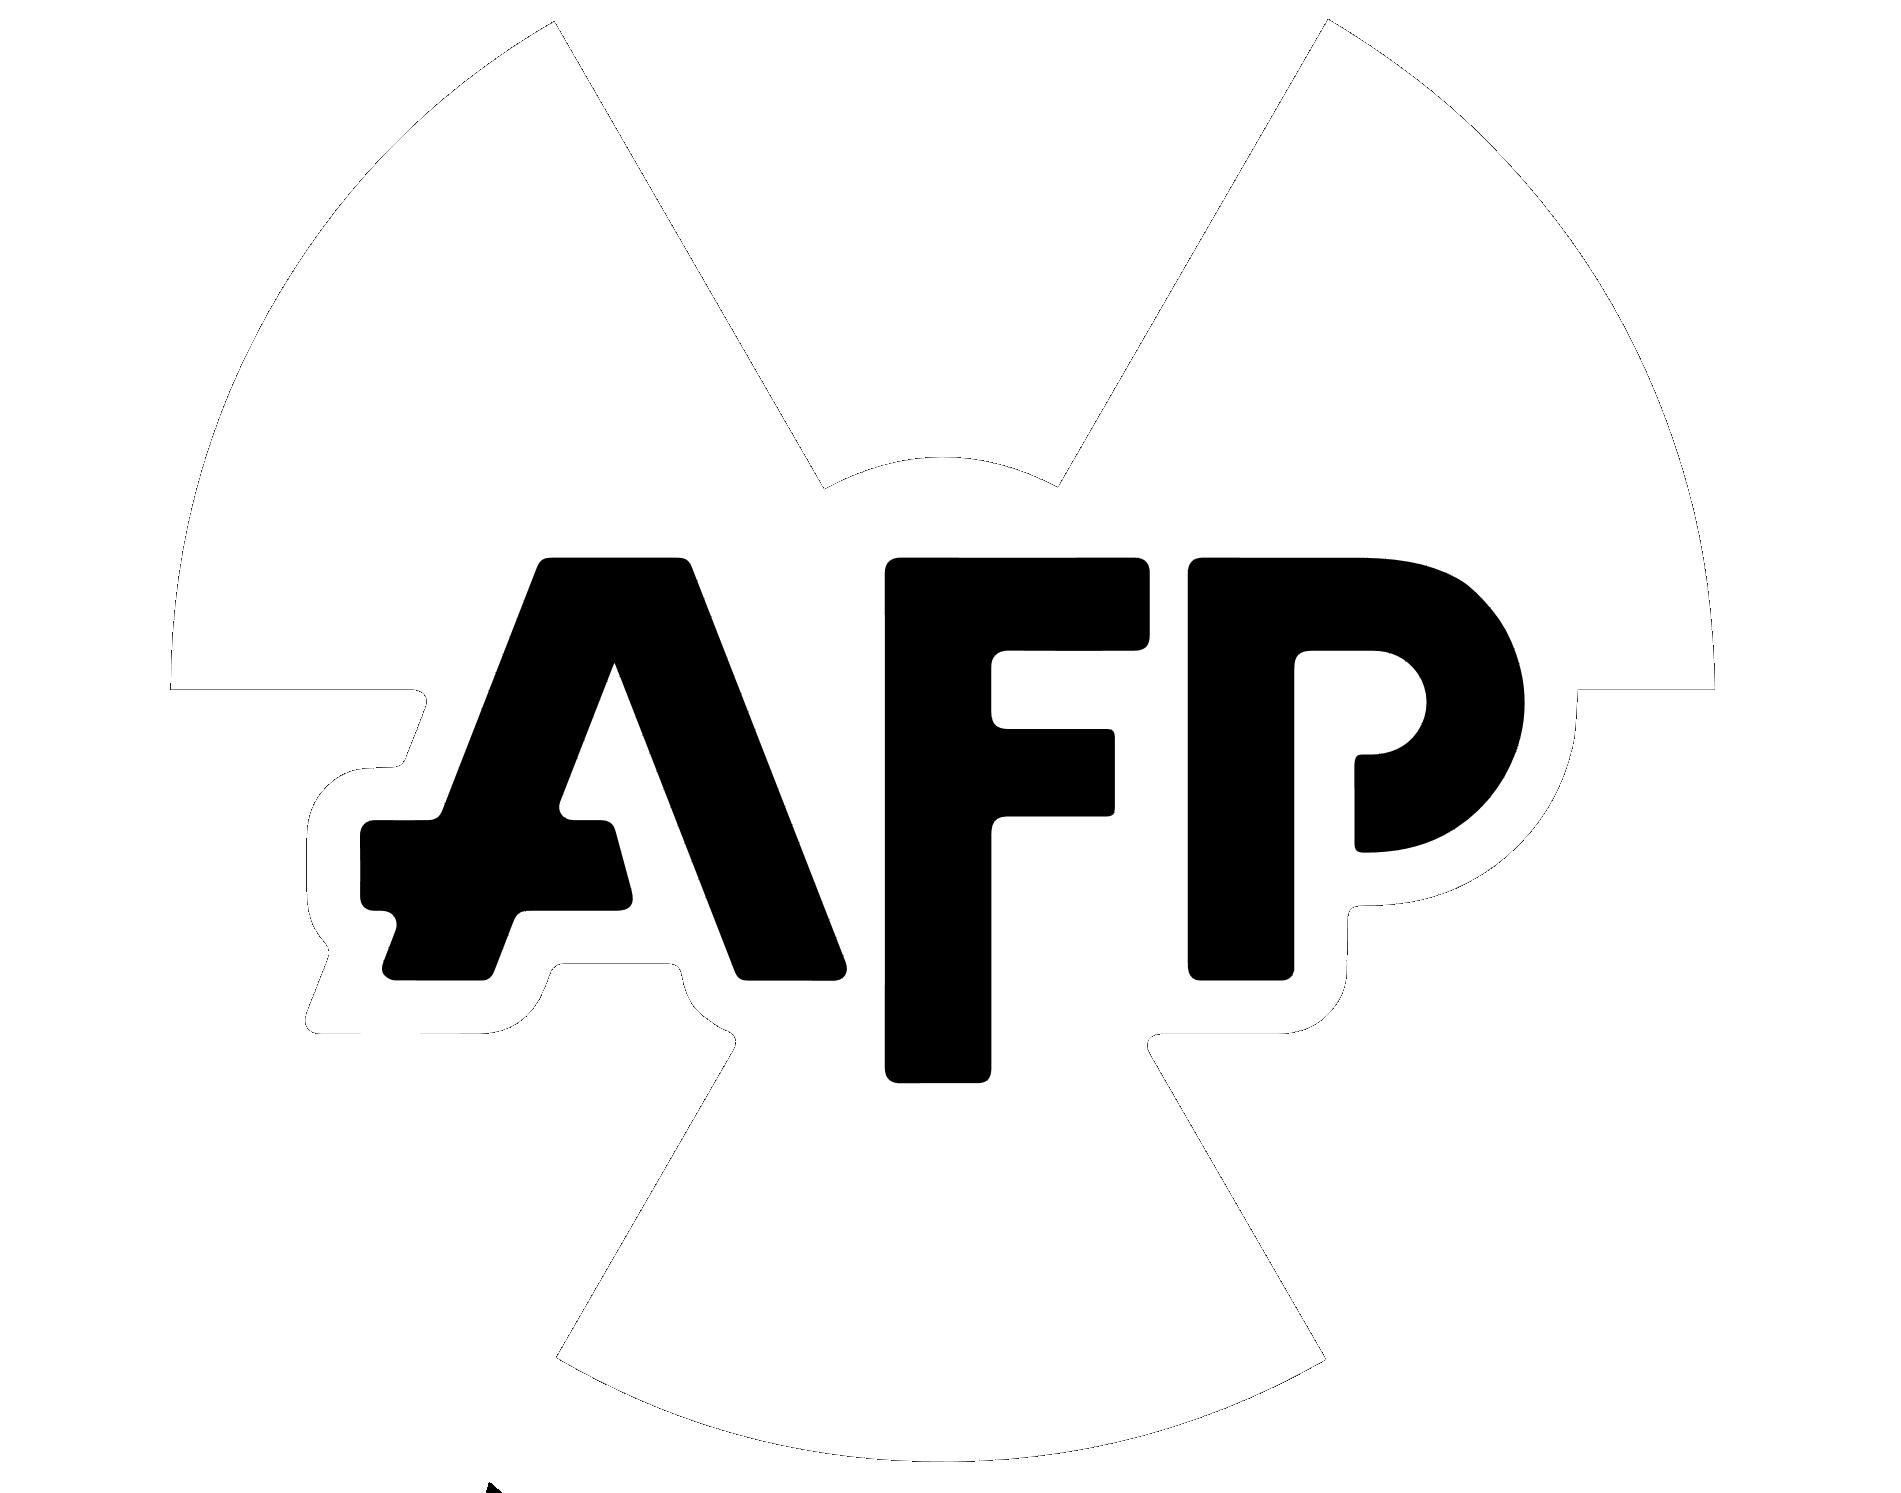 Atomic F&P